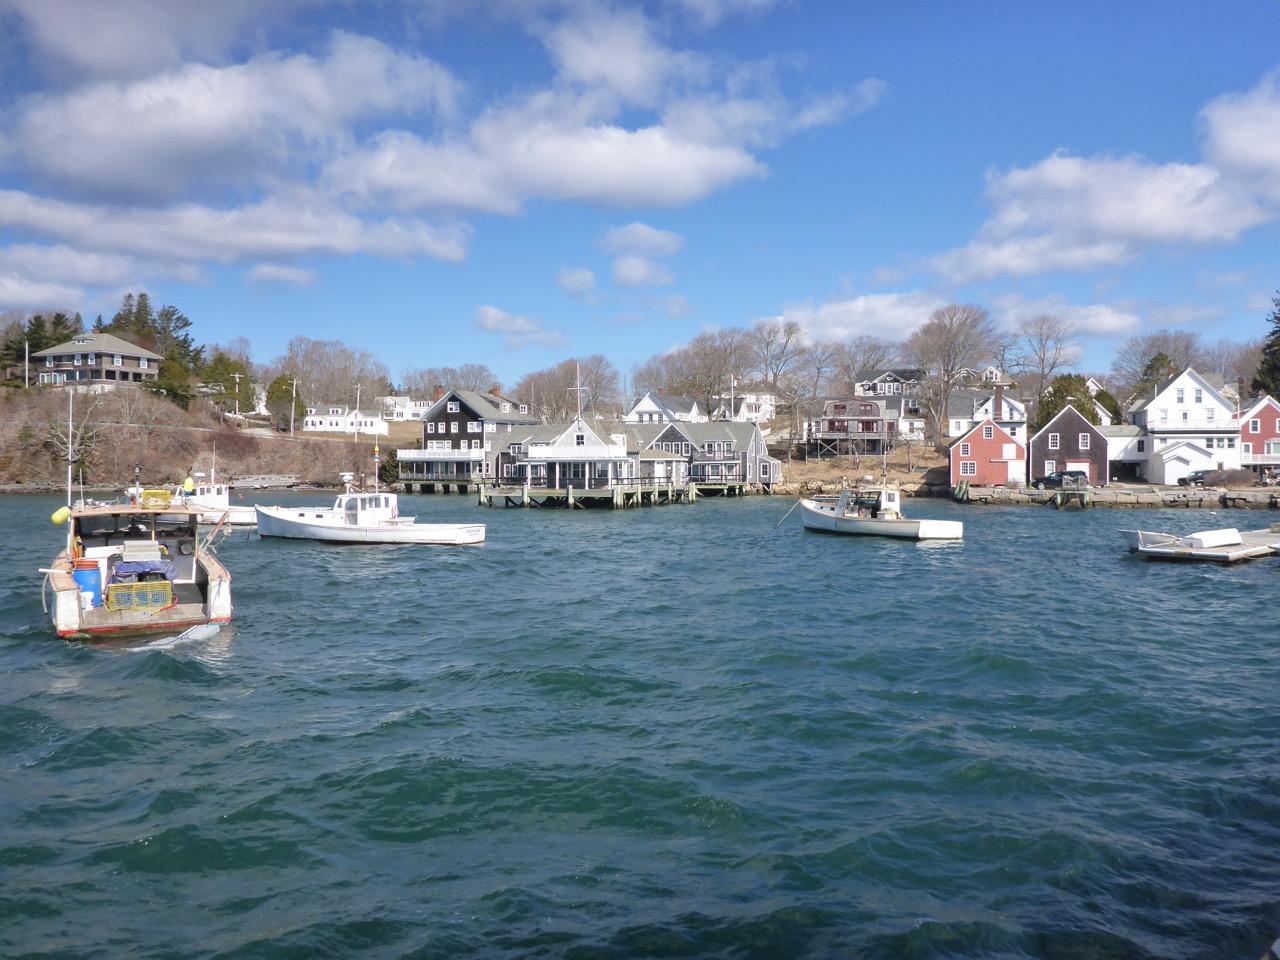 North Haven harbor